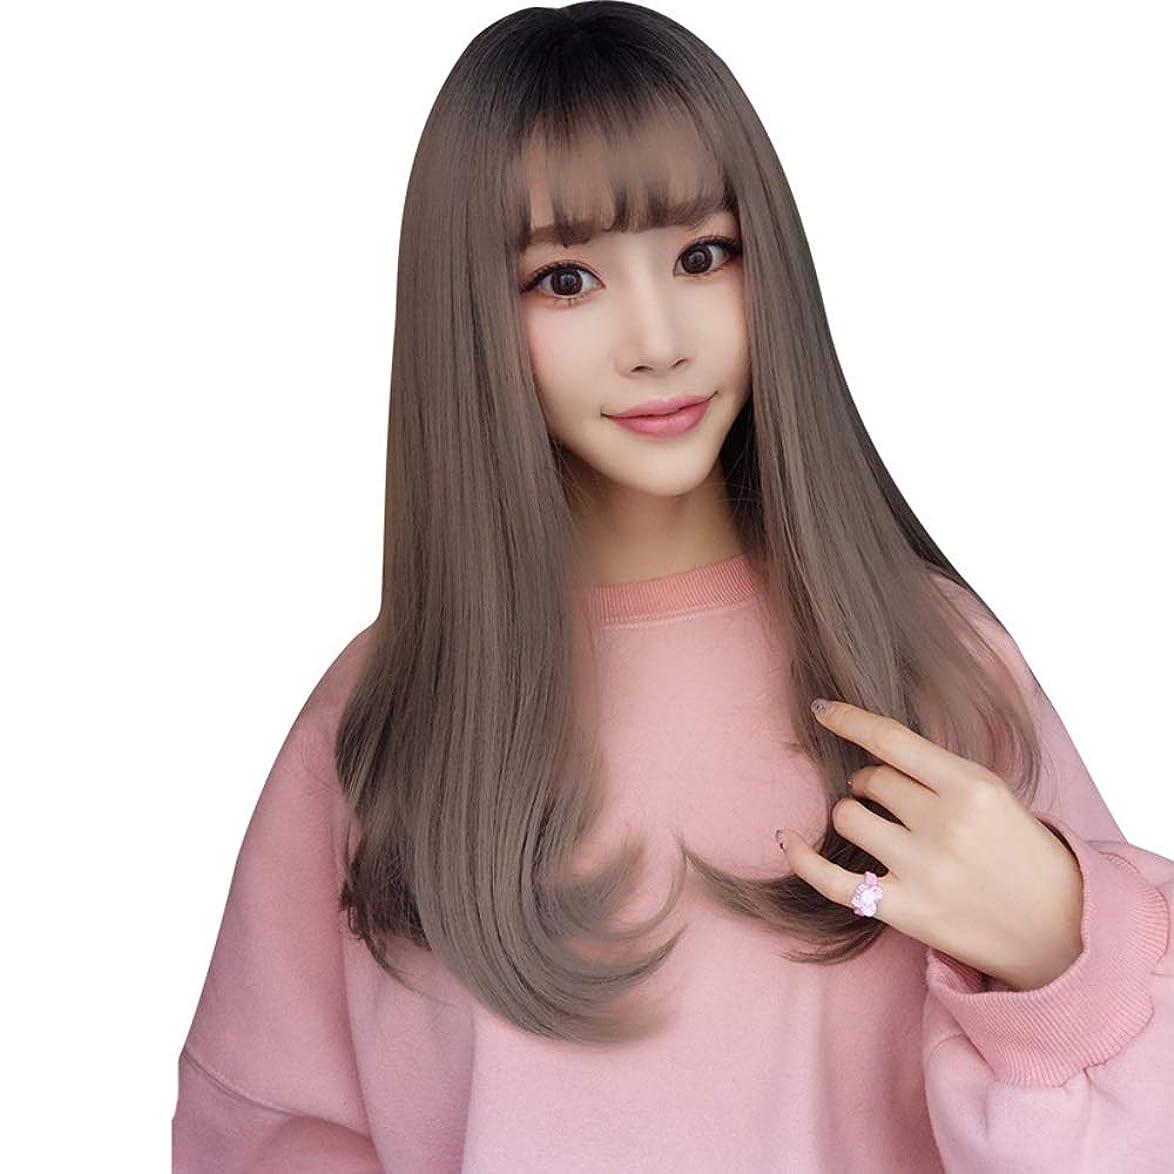 科学賄賂回転SRY-Wigファッション 20 ``長いウェーブのかかった色の髪のファッションかつら白人女性の自然な女性の髪の部分のための耐熱性合成かつら